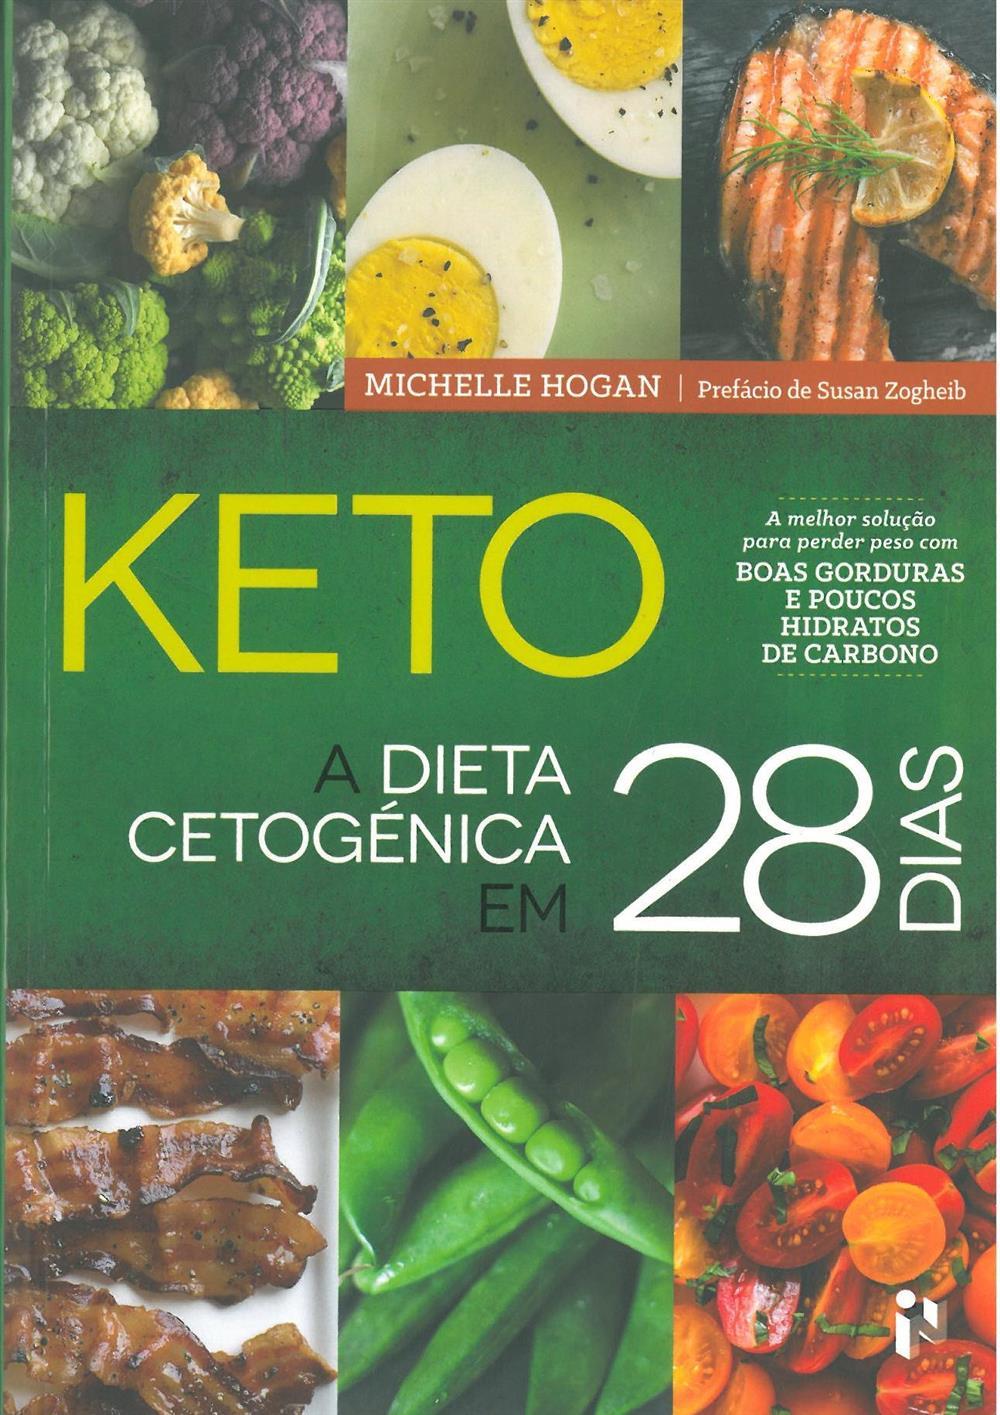 Keto : a dieta cetogénica em 28 dias.jpg